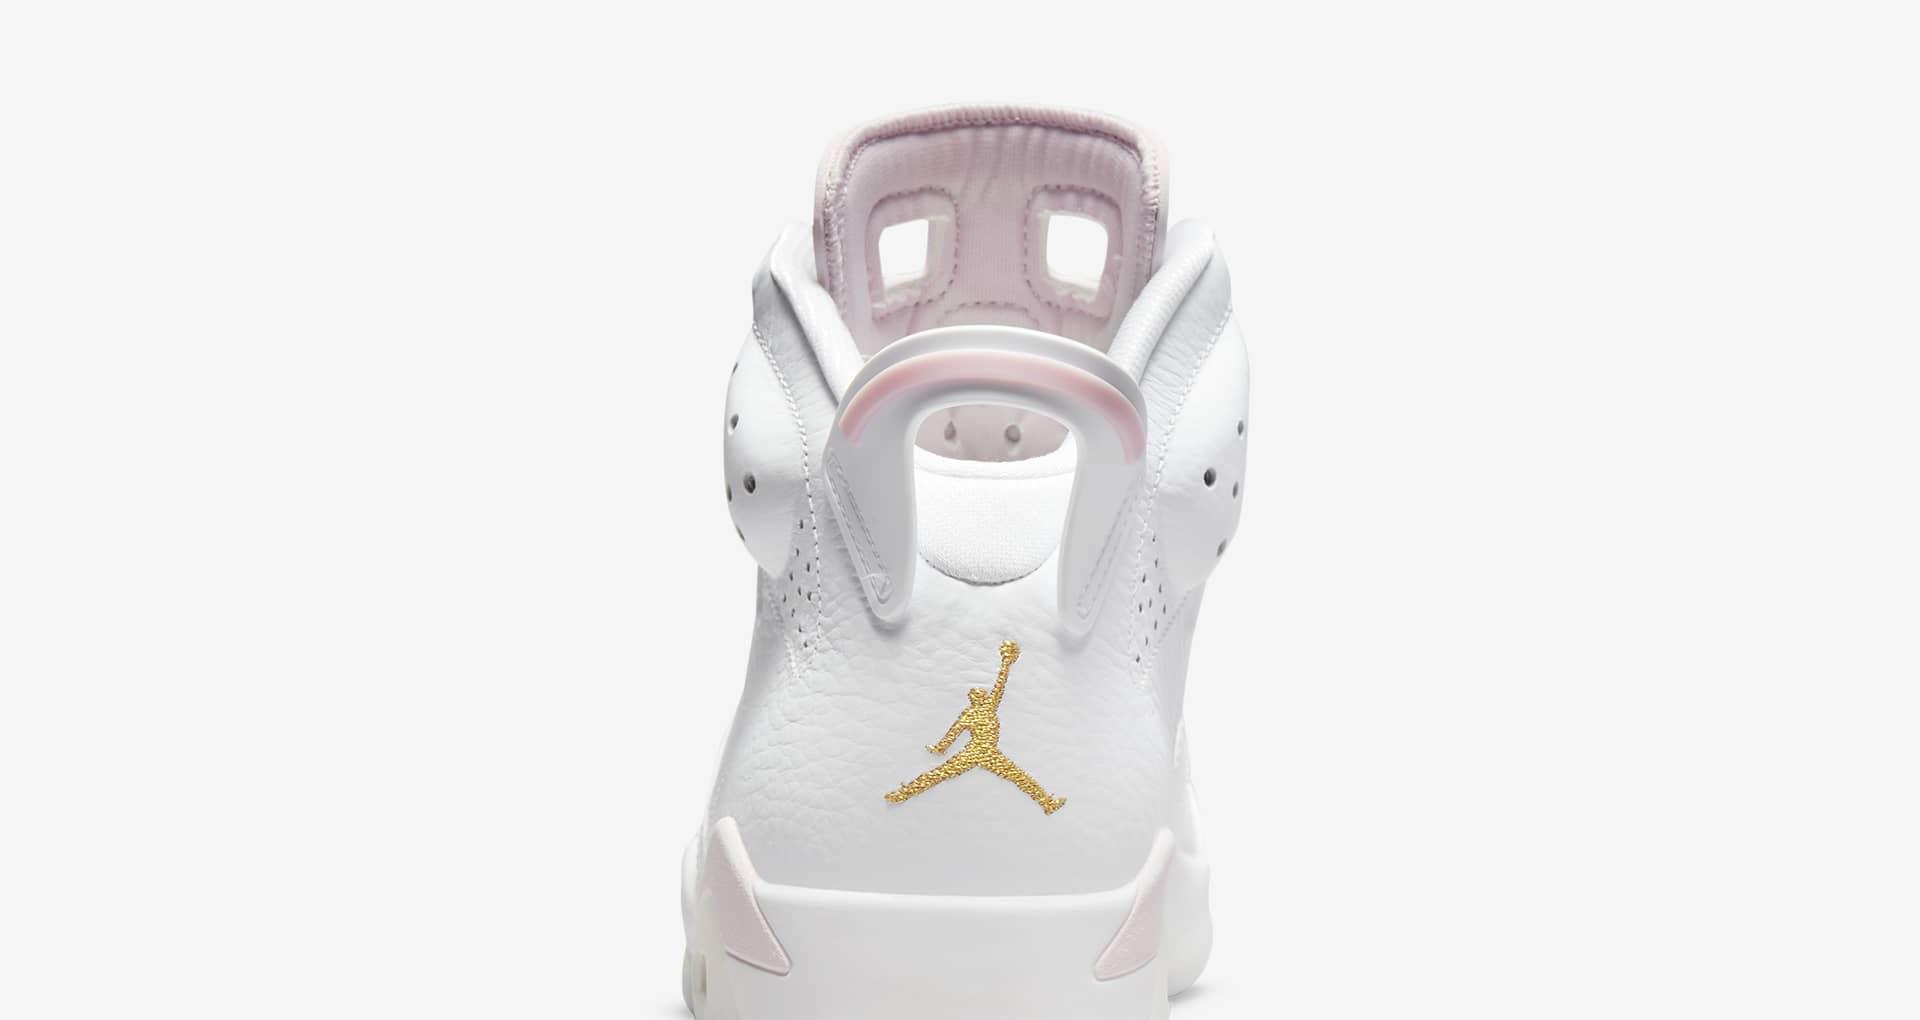 Jordan,Air Jordan 6,AJ6,DH9696  白粉配色!全新 Air Jordan 6 即将发售!